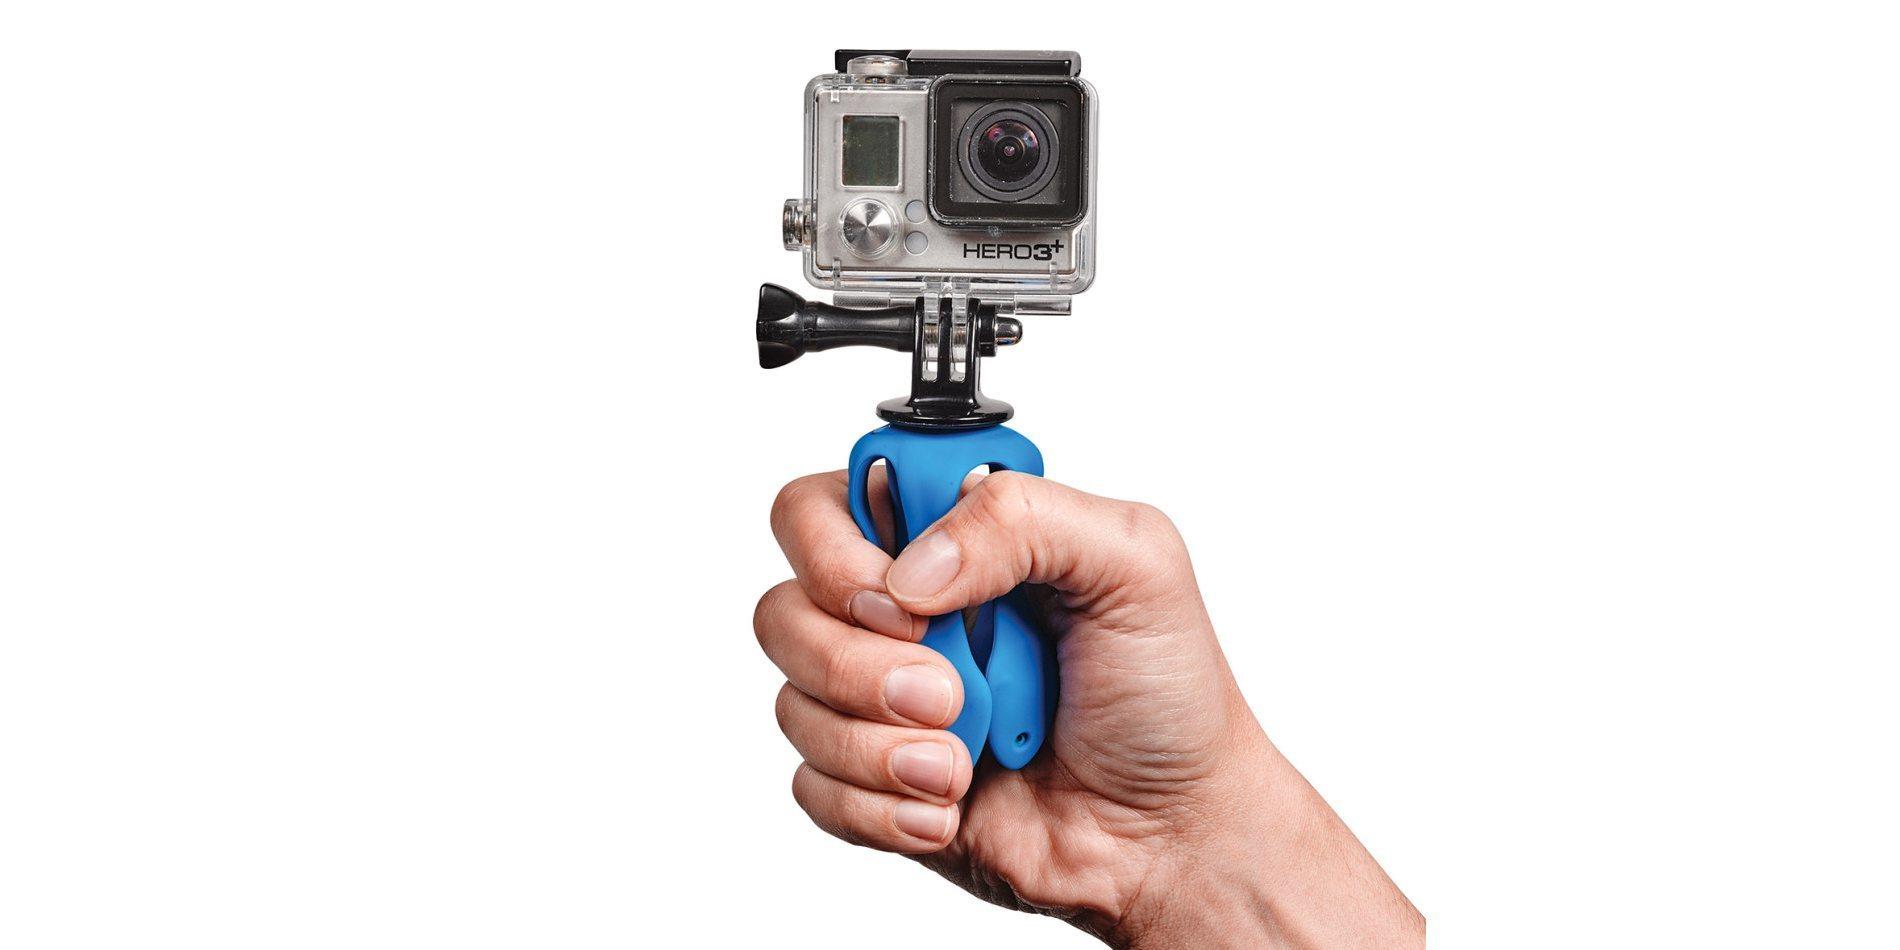 Штатив для экшн-камер Miggo Splat  в руке + камера